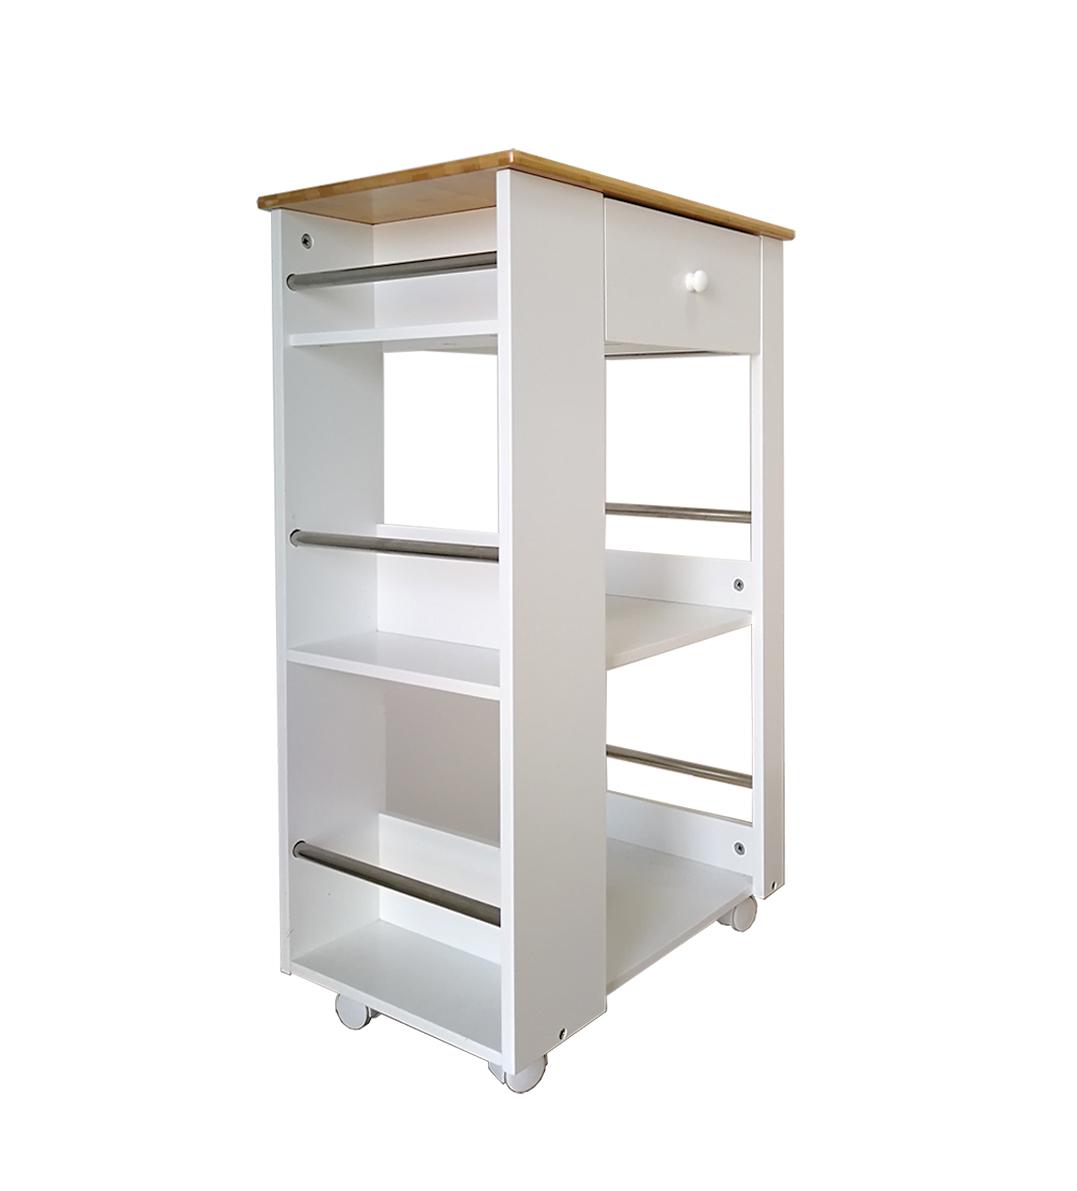 k chenwagen k chenhelfer rollwagen trolley servierwagen wei bambus holz sh32 ebay. Black Bedroom Furniture Sets. Home Design Ideas